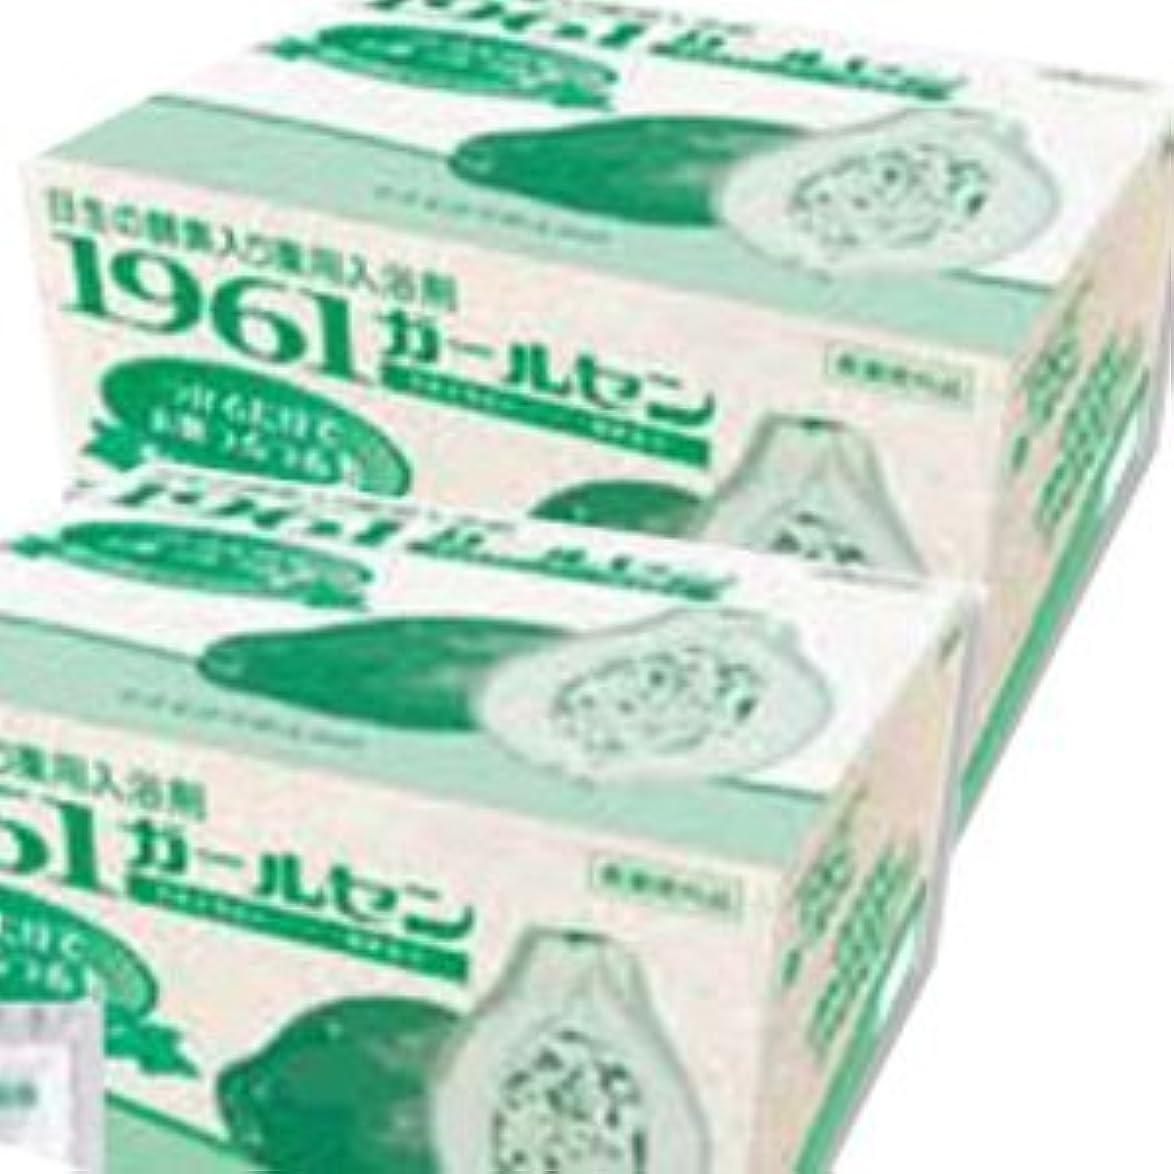 信念賛辞厳密に日本生化学 薬用入浴剤 1961ガールセン (20g×60包)×2箱 (医薬部外品)